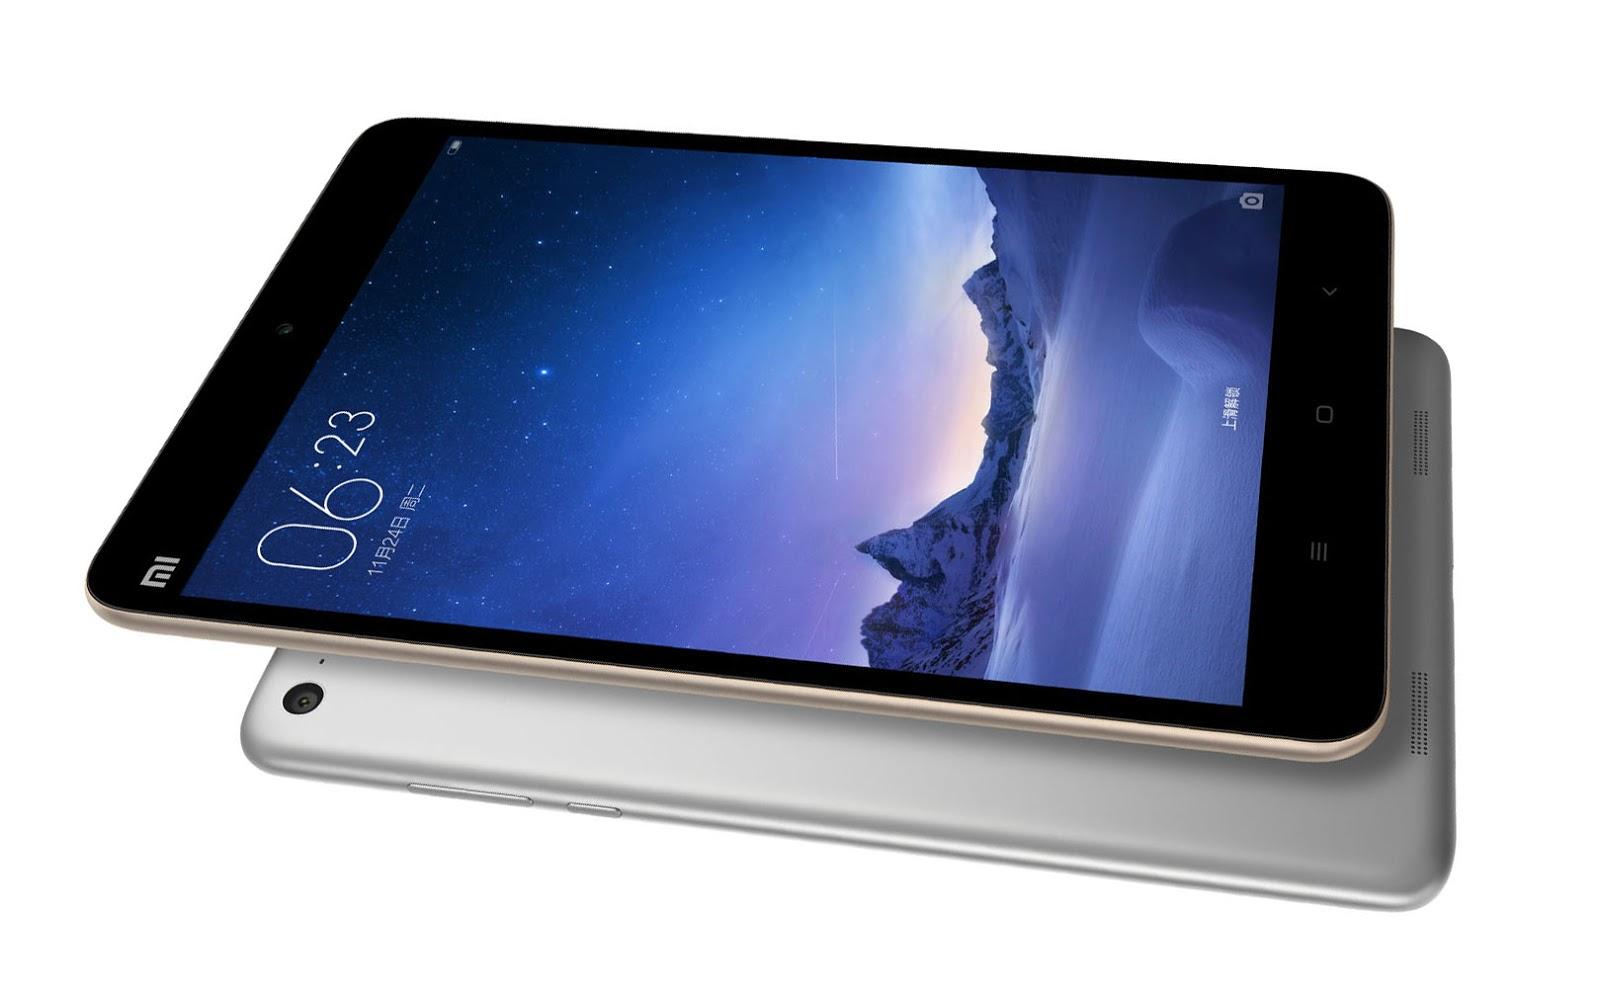 Spesifikasi Dan Harga Tablet Xiaomi Mi Pad 2 Terbaru